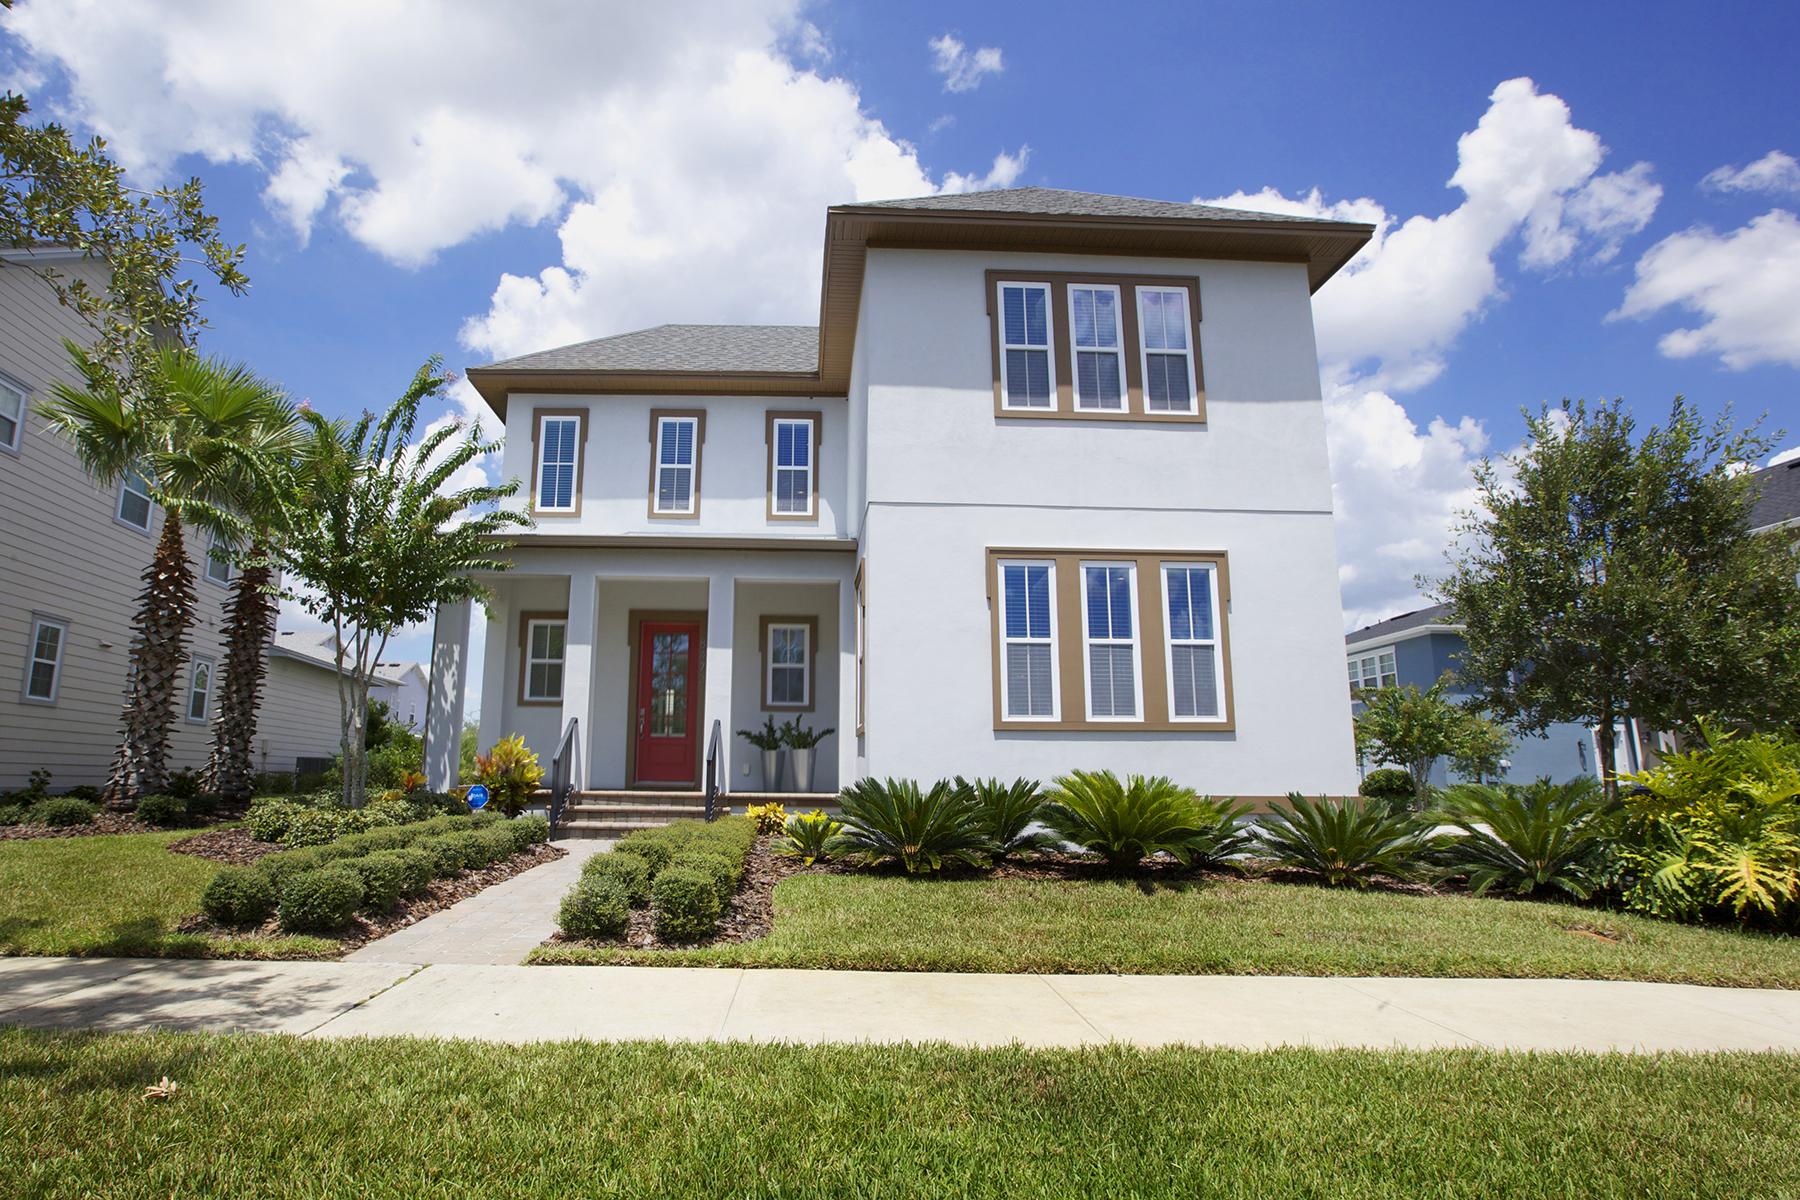 Maison unifamiliale pour l Vente à ORLANDO 8473 Martinson St Orlando, Florida, 32827 États-Unis